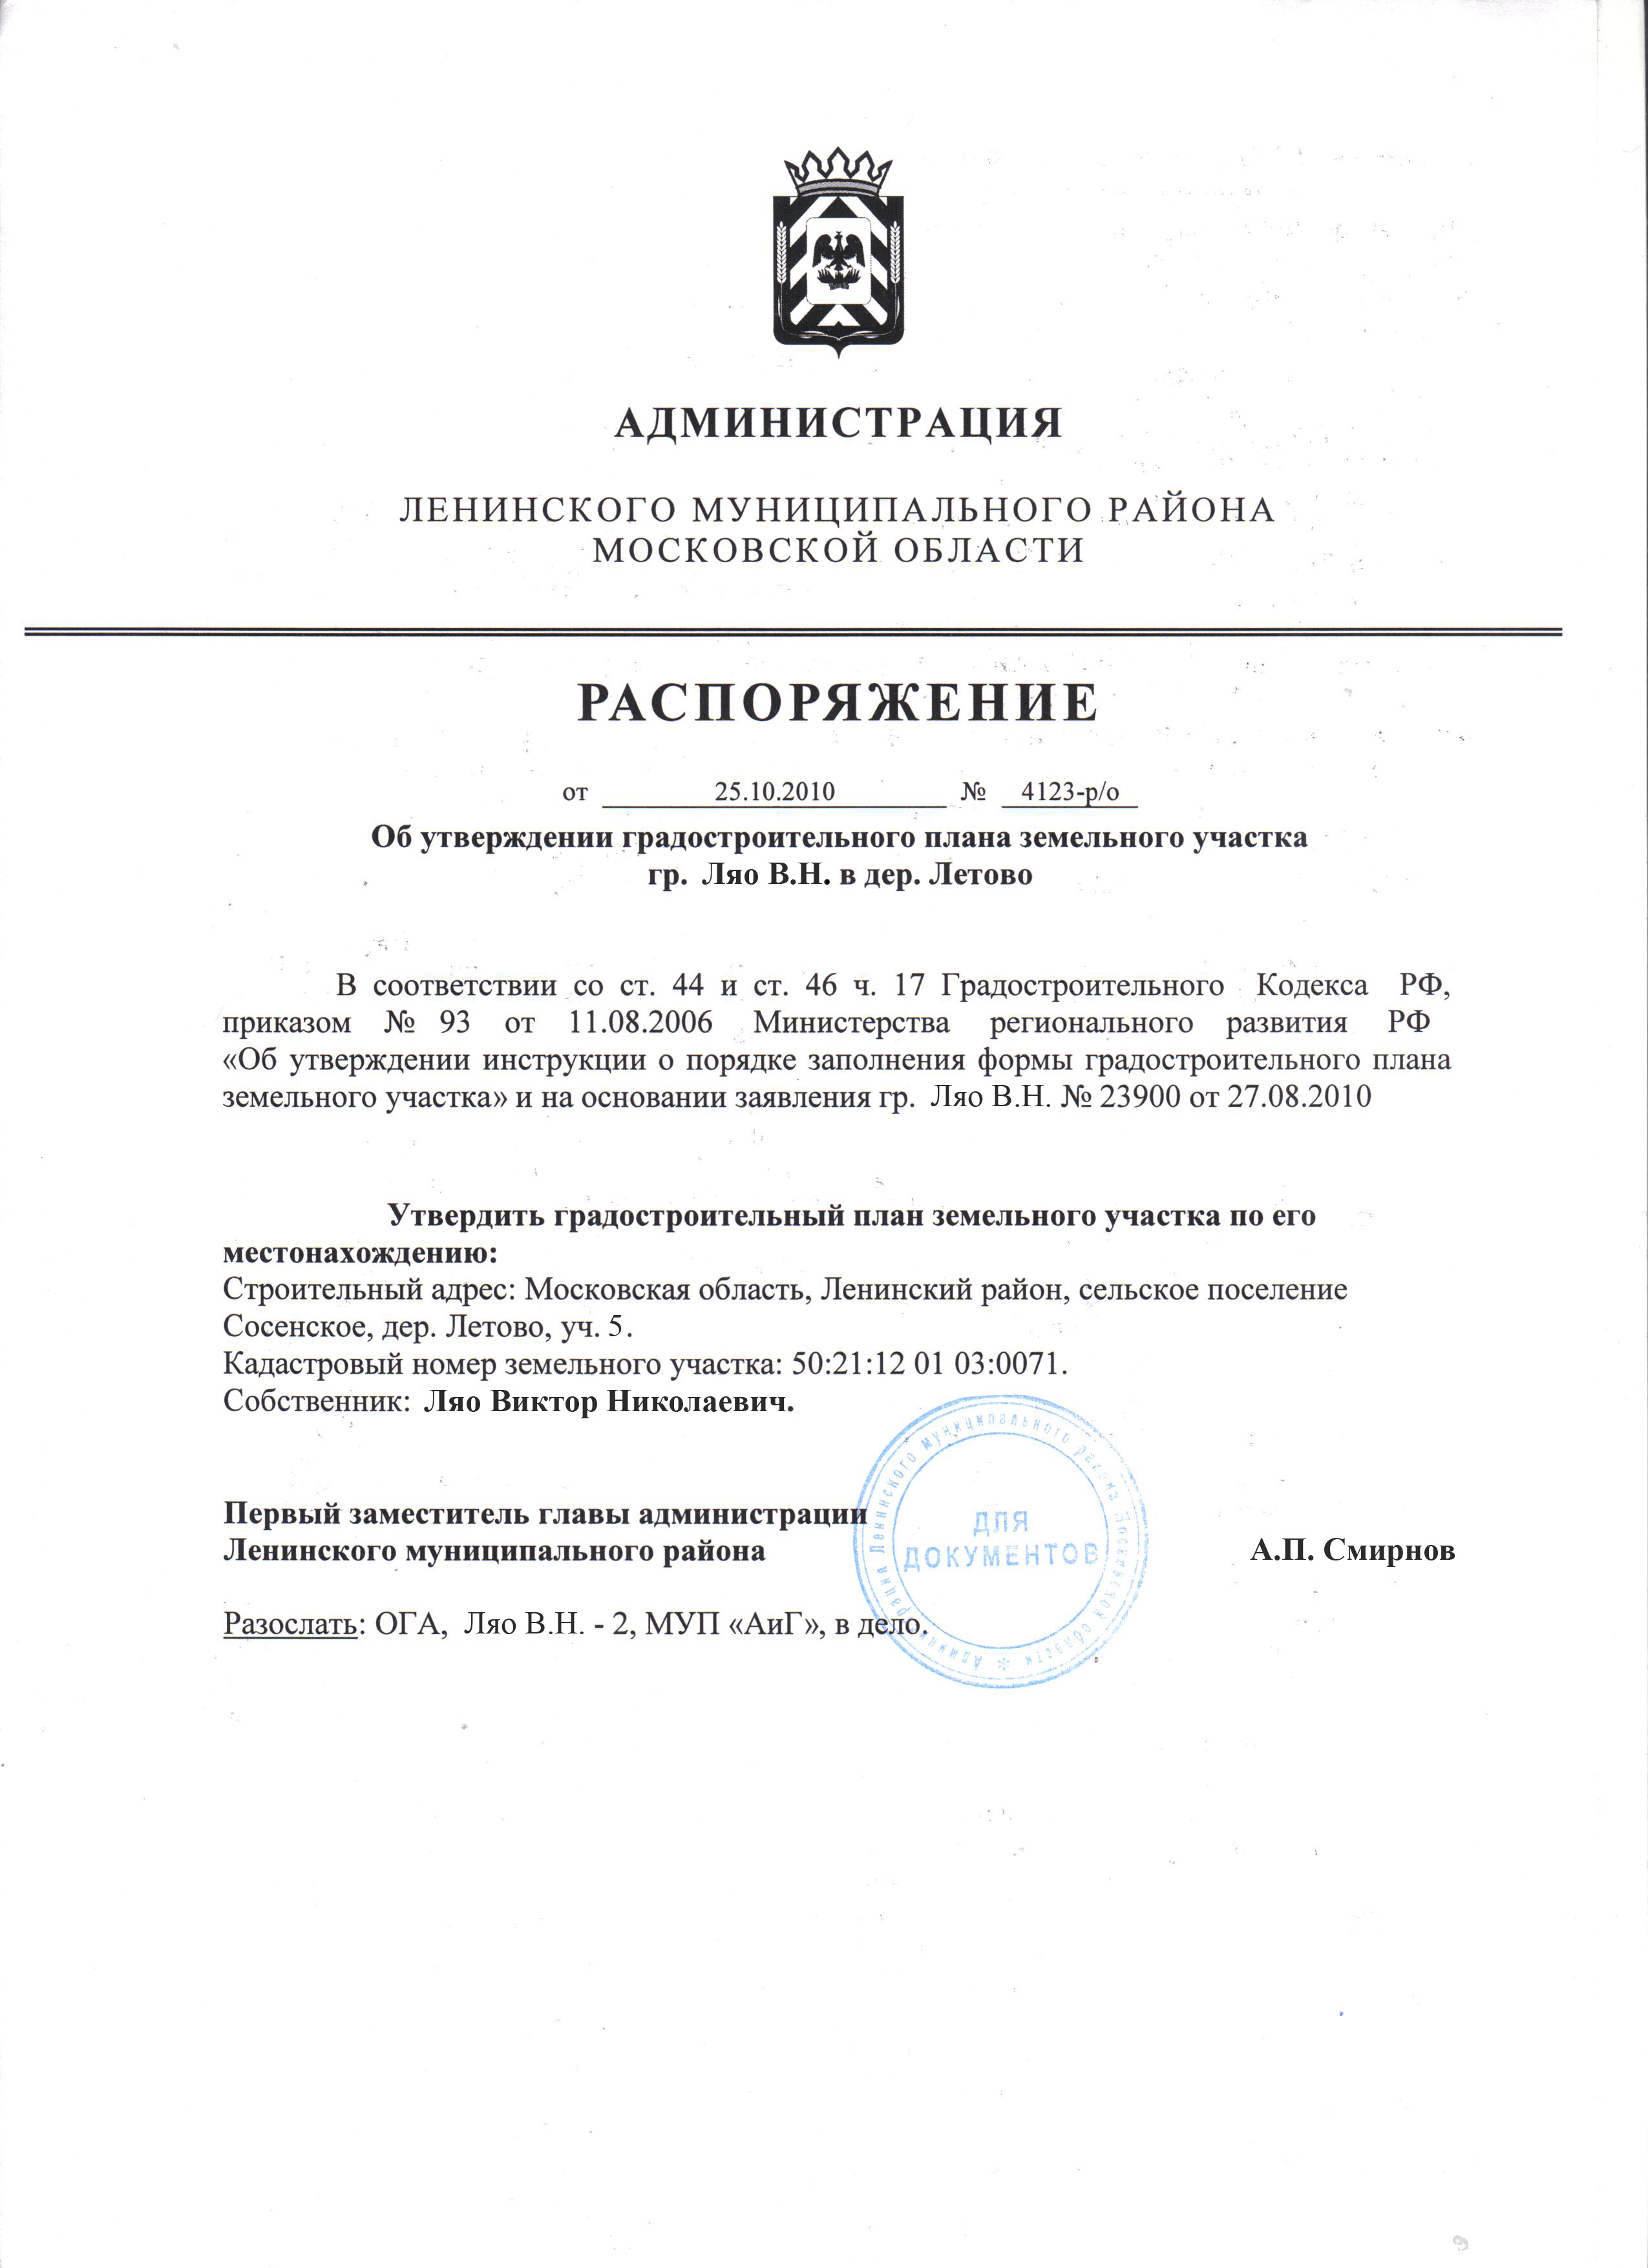 Распоряжение об утверждении градостроительного плана земельного участка